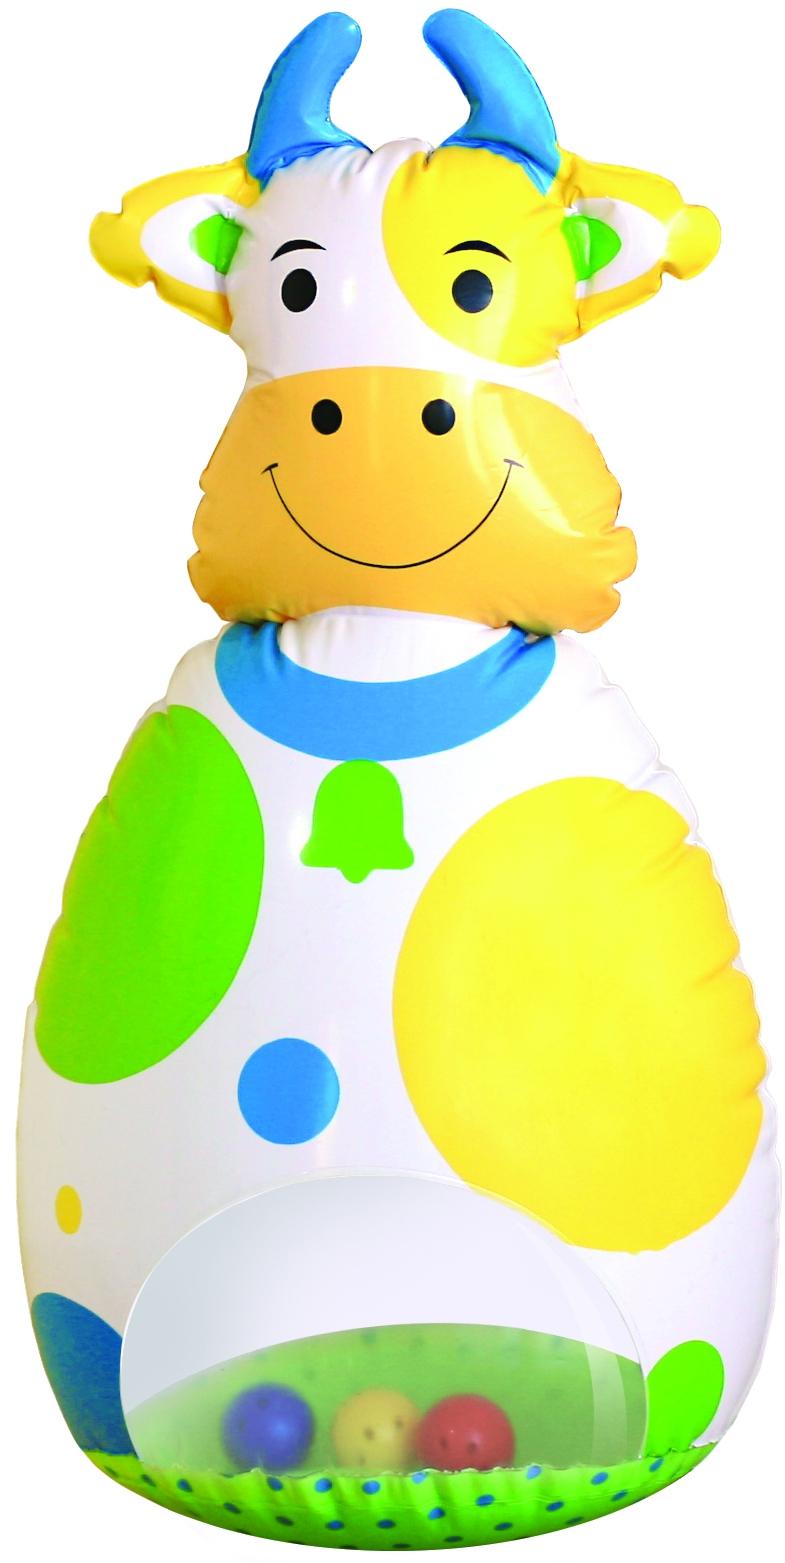 Неваляшки для малышей LUBBY Коровка-Неваляшка игрушки для детей в 5 месяцев